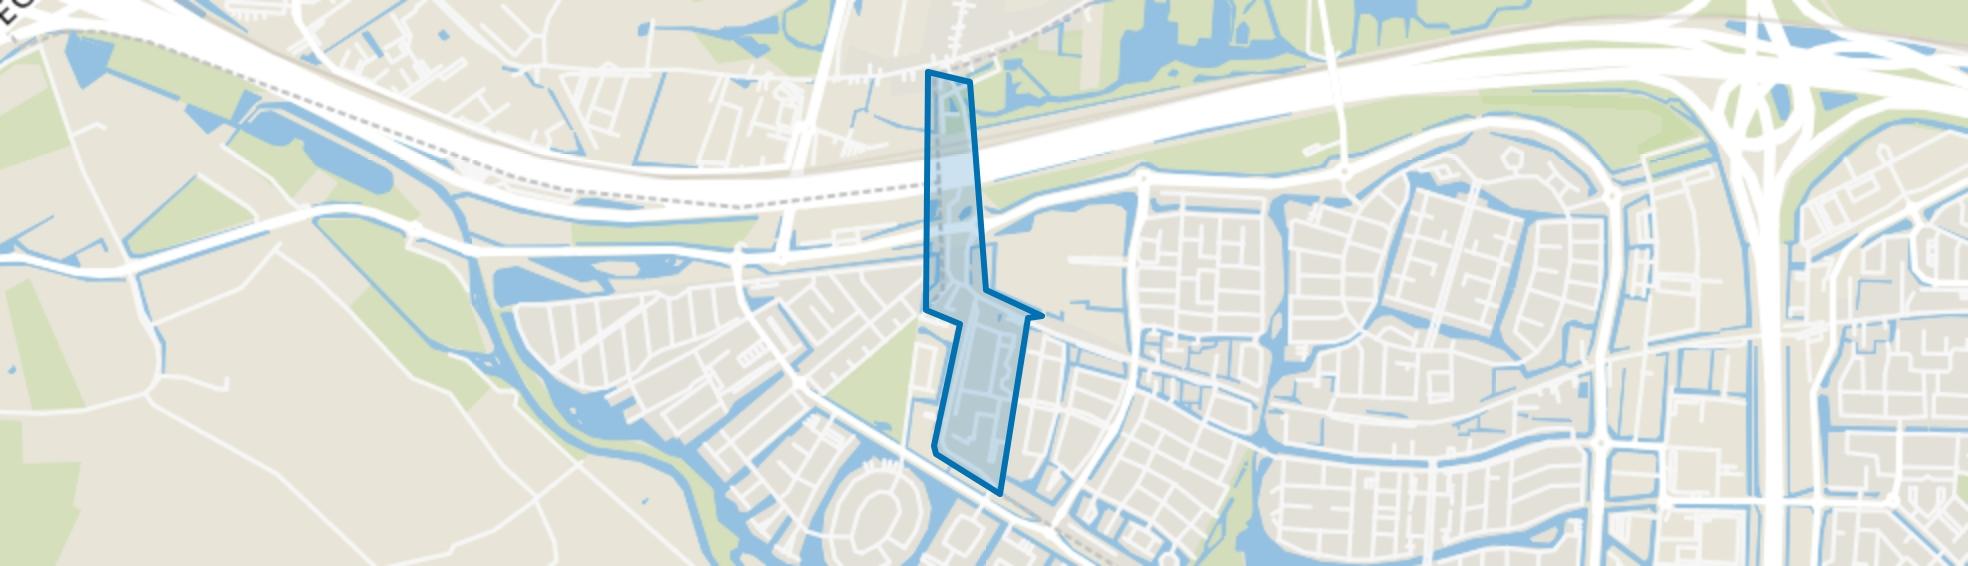 Smitshoek, Barendrecht map